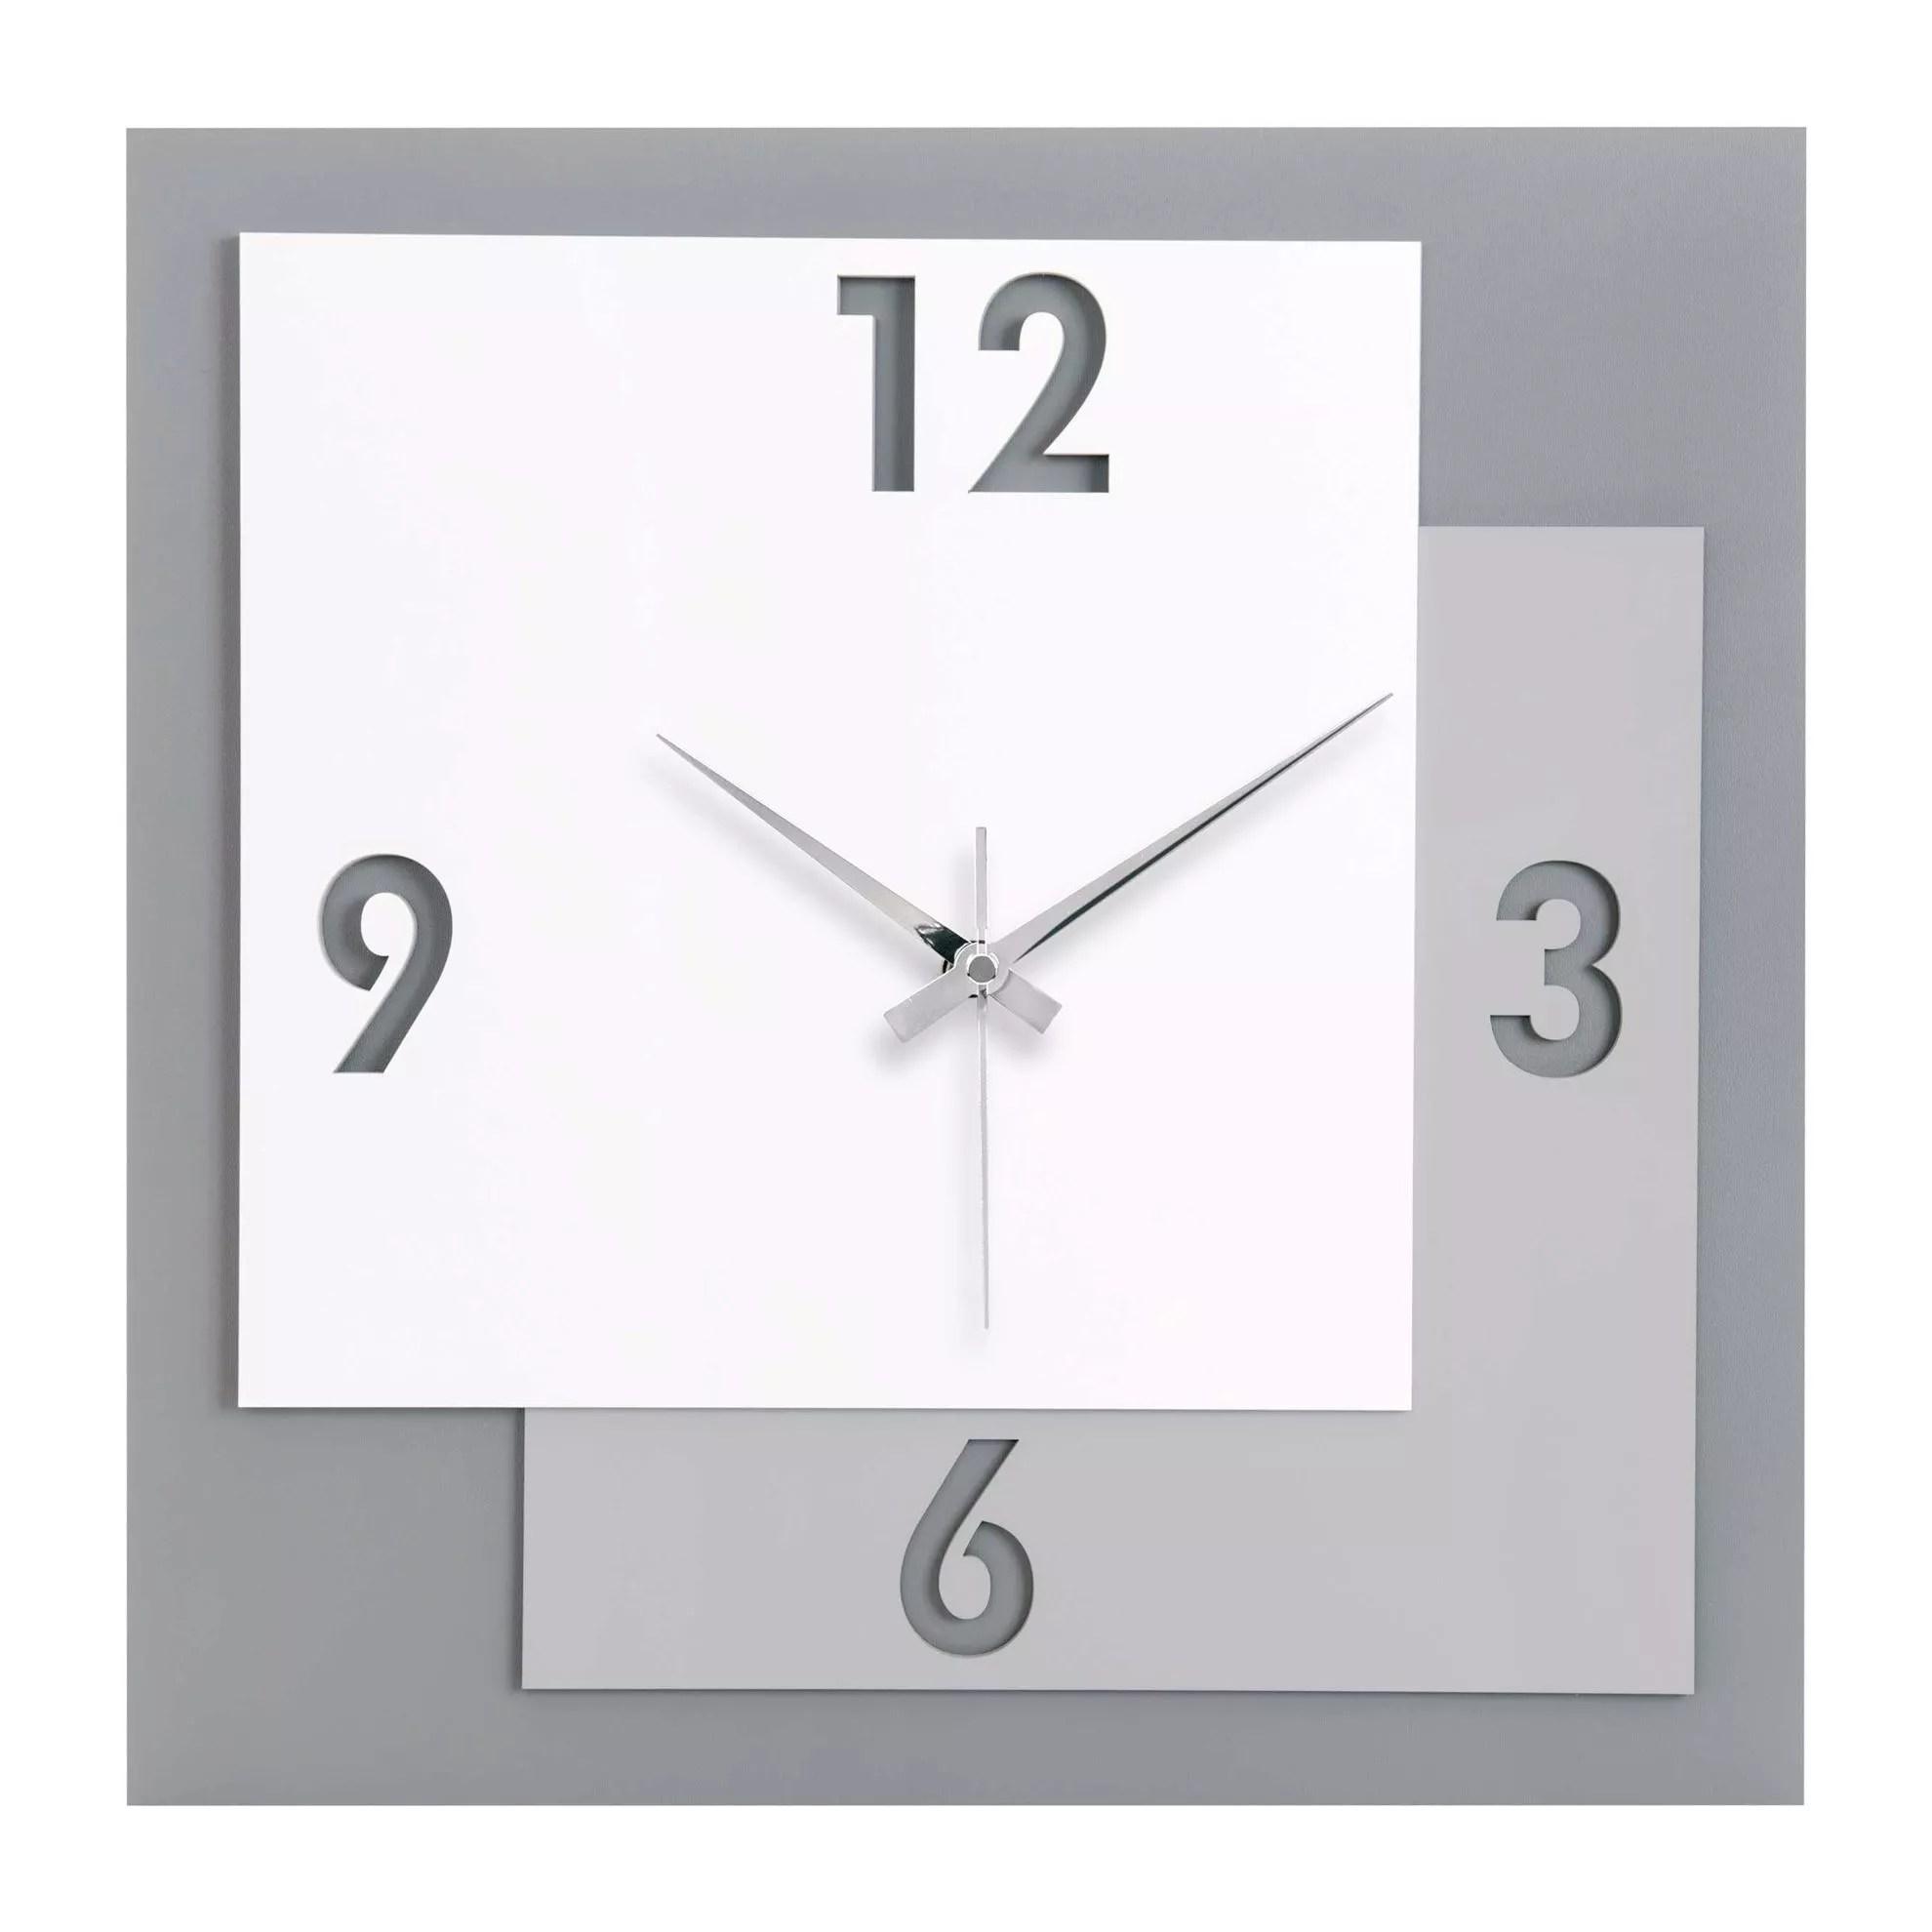 Orologio moderno con uccellini lineasette ceramiche orologi da parete e appoggio. Orologio Da Parete Numeri Moderni Quadrato Legno Bianco Grigio Me1676g